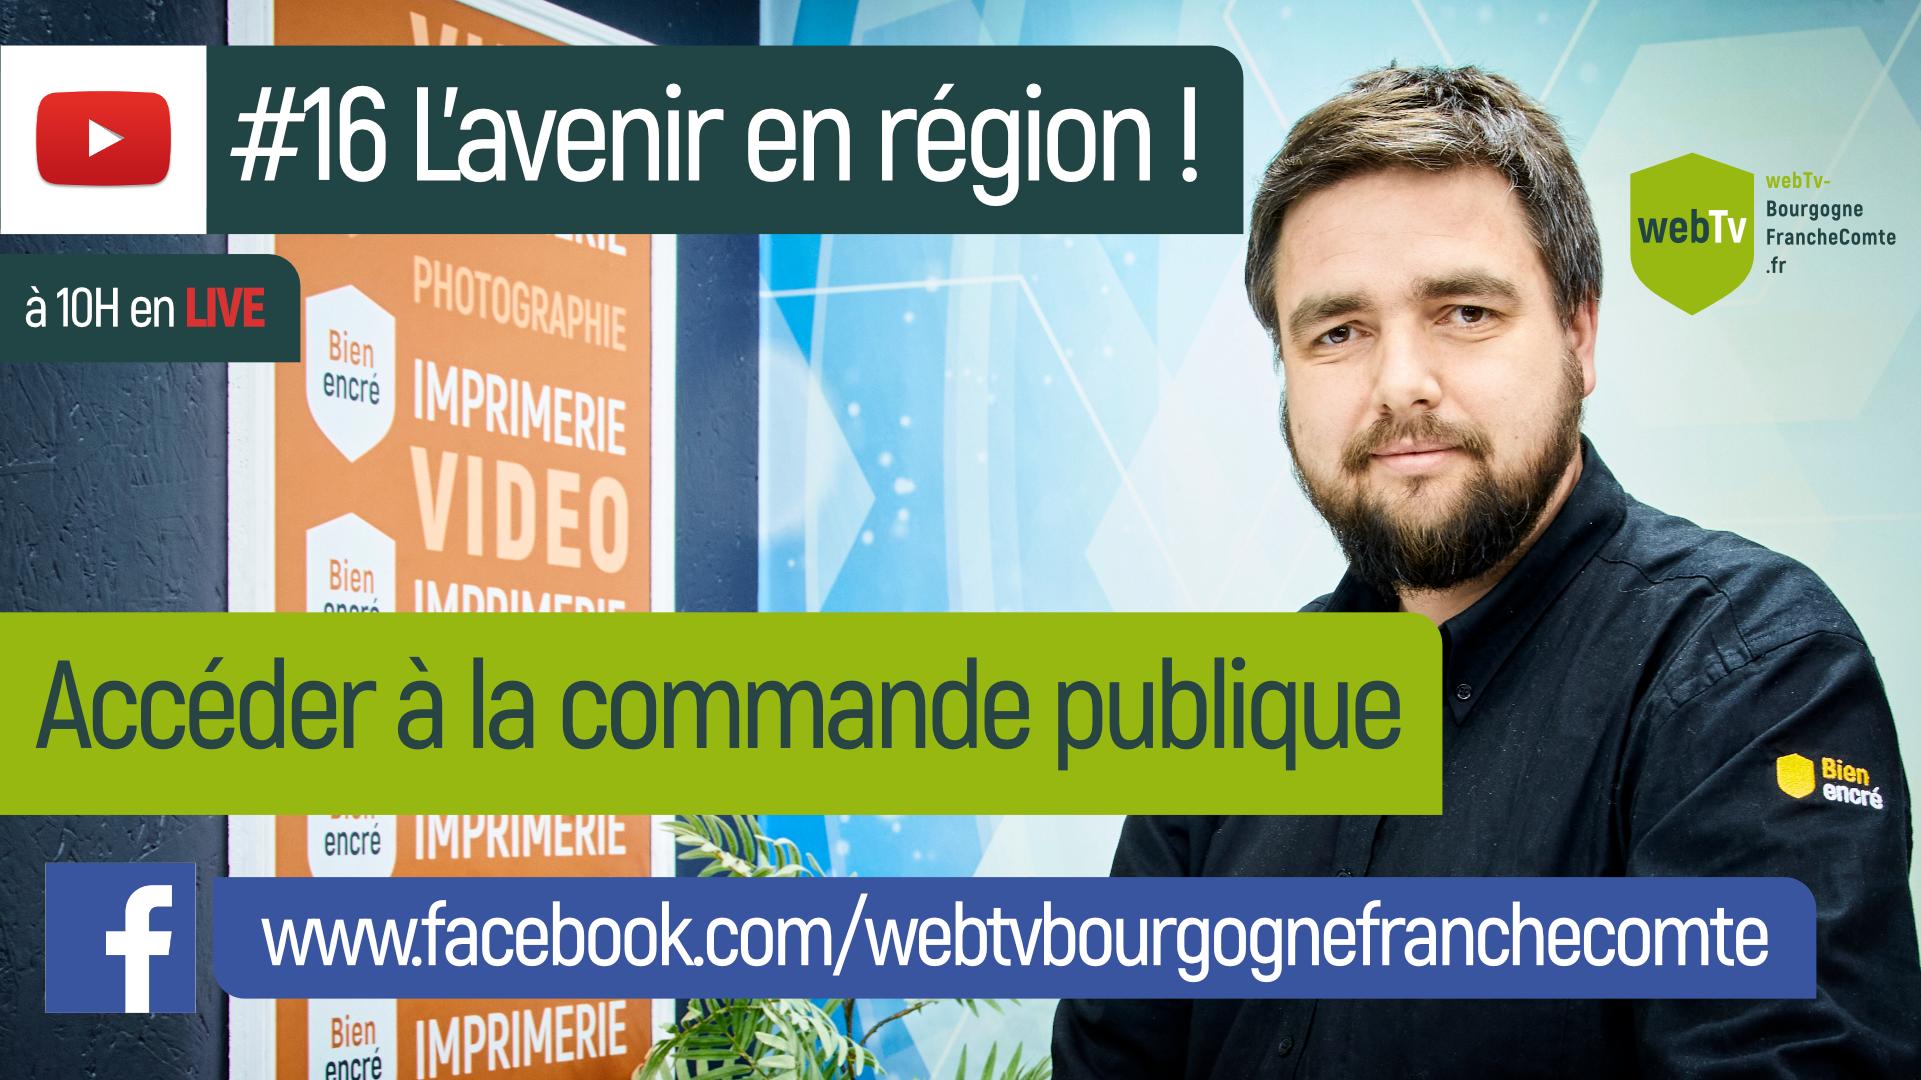 #16 Live vidéo L'avenir en région Bourgogne-Franche-Comté